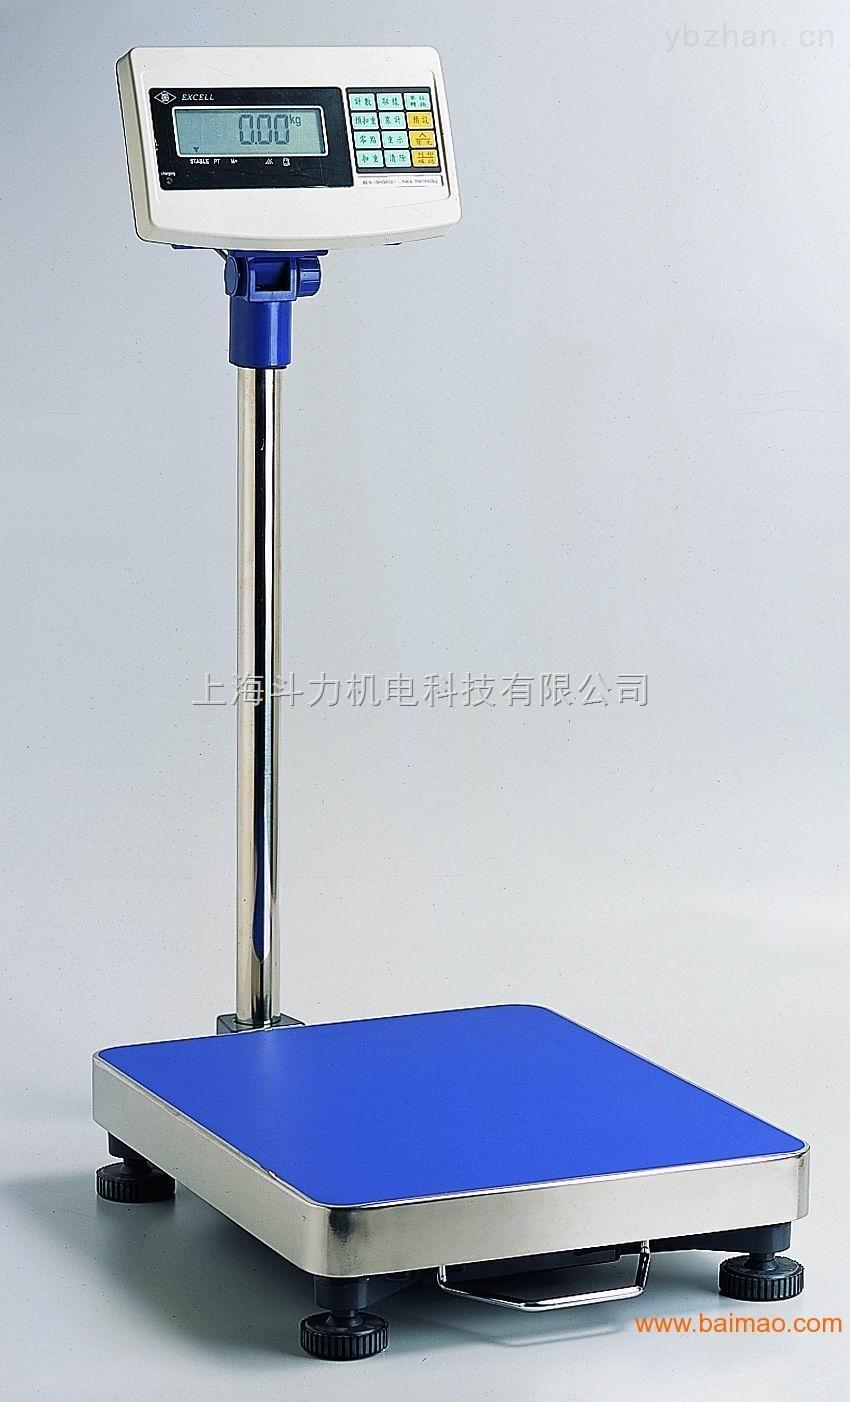 無線臺秤-申通快遞專用150公斤藍牙電子臺秤直銷工廠